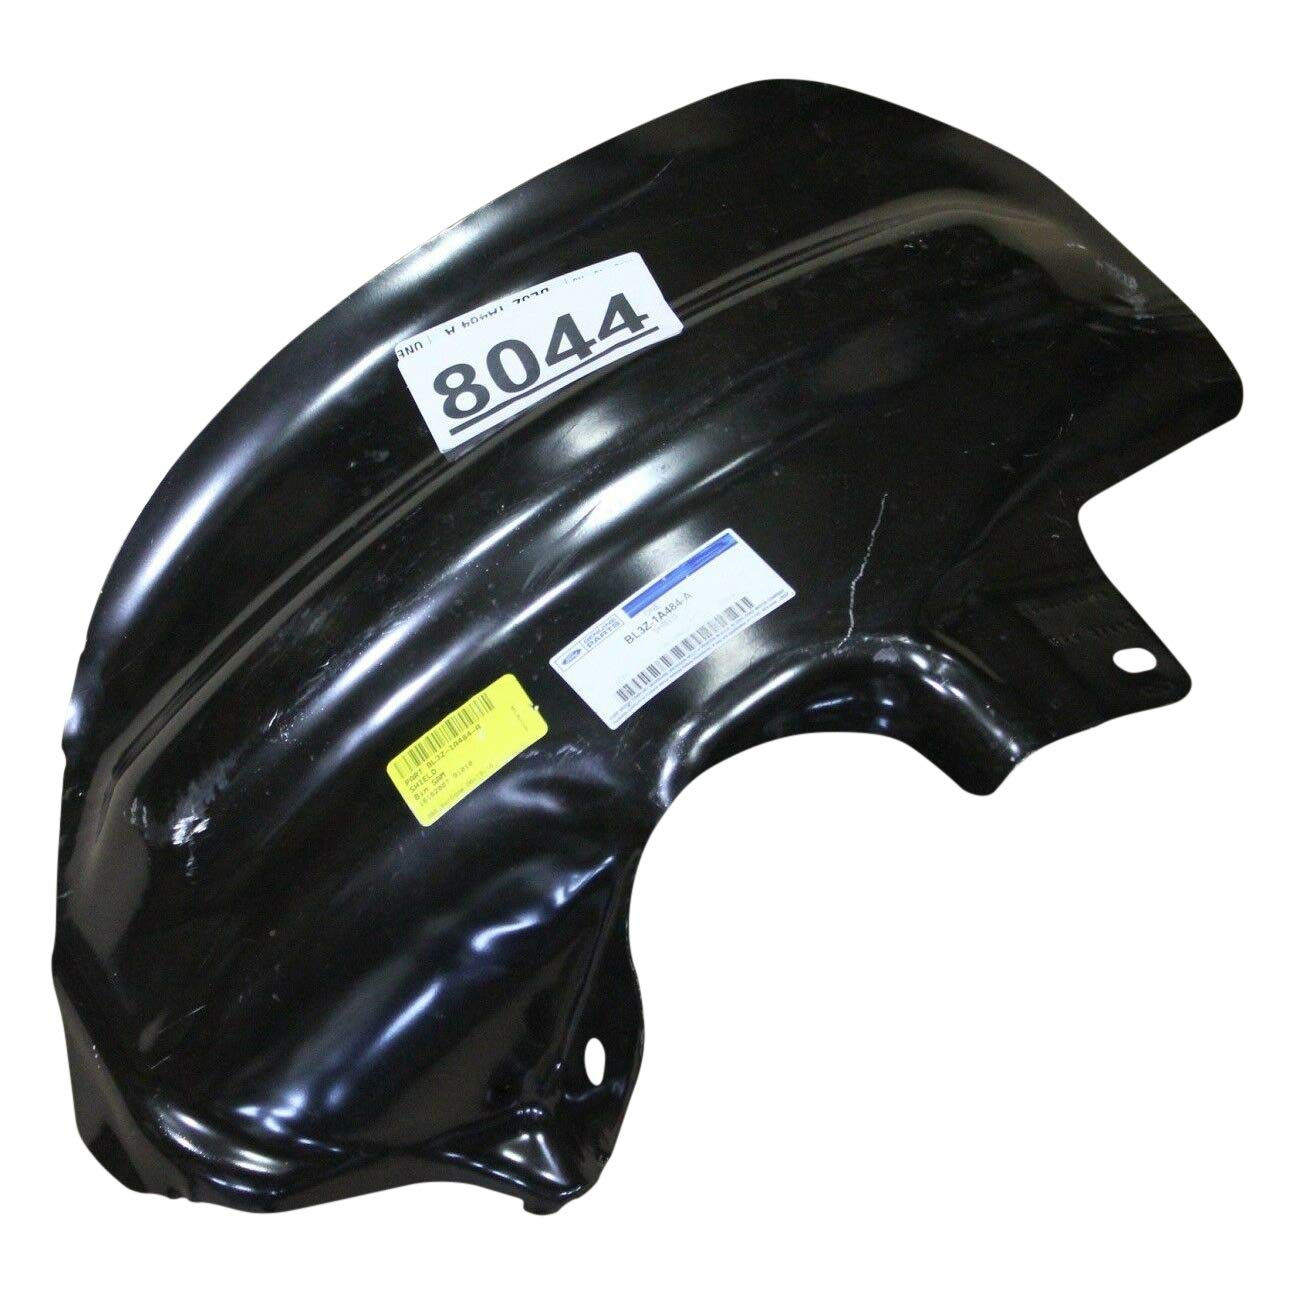 Ford BL3Z-1A484-A - Shield